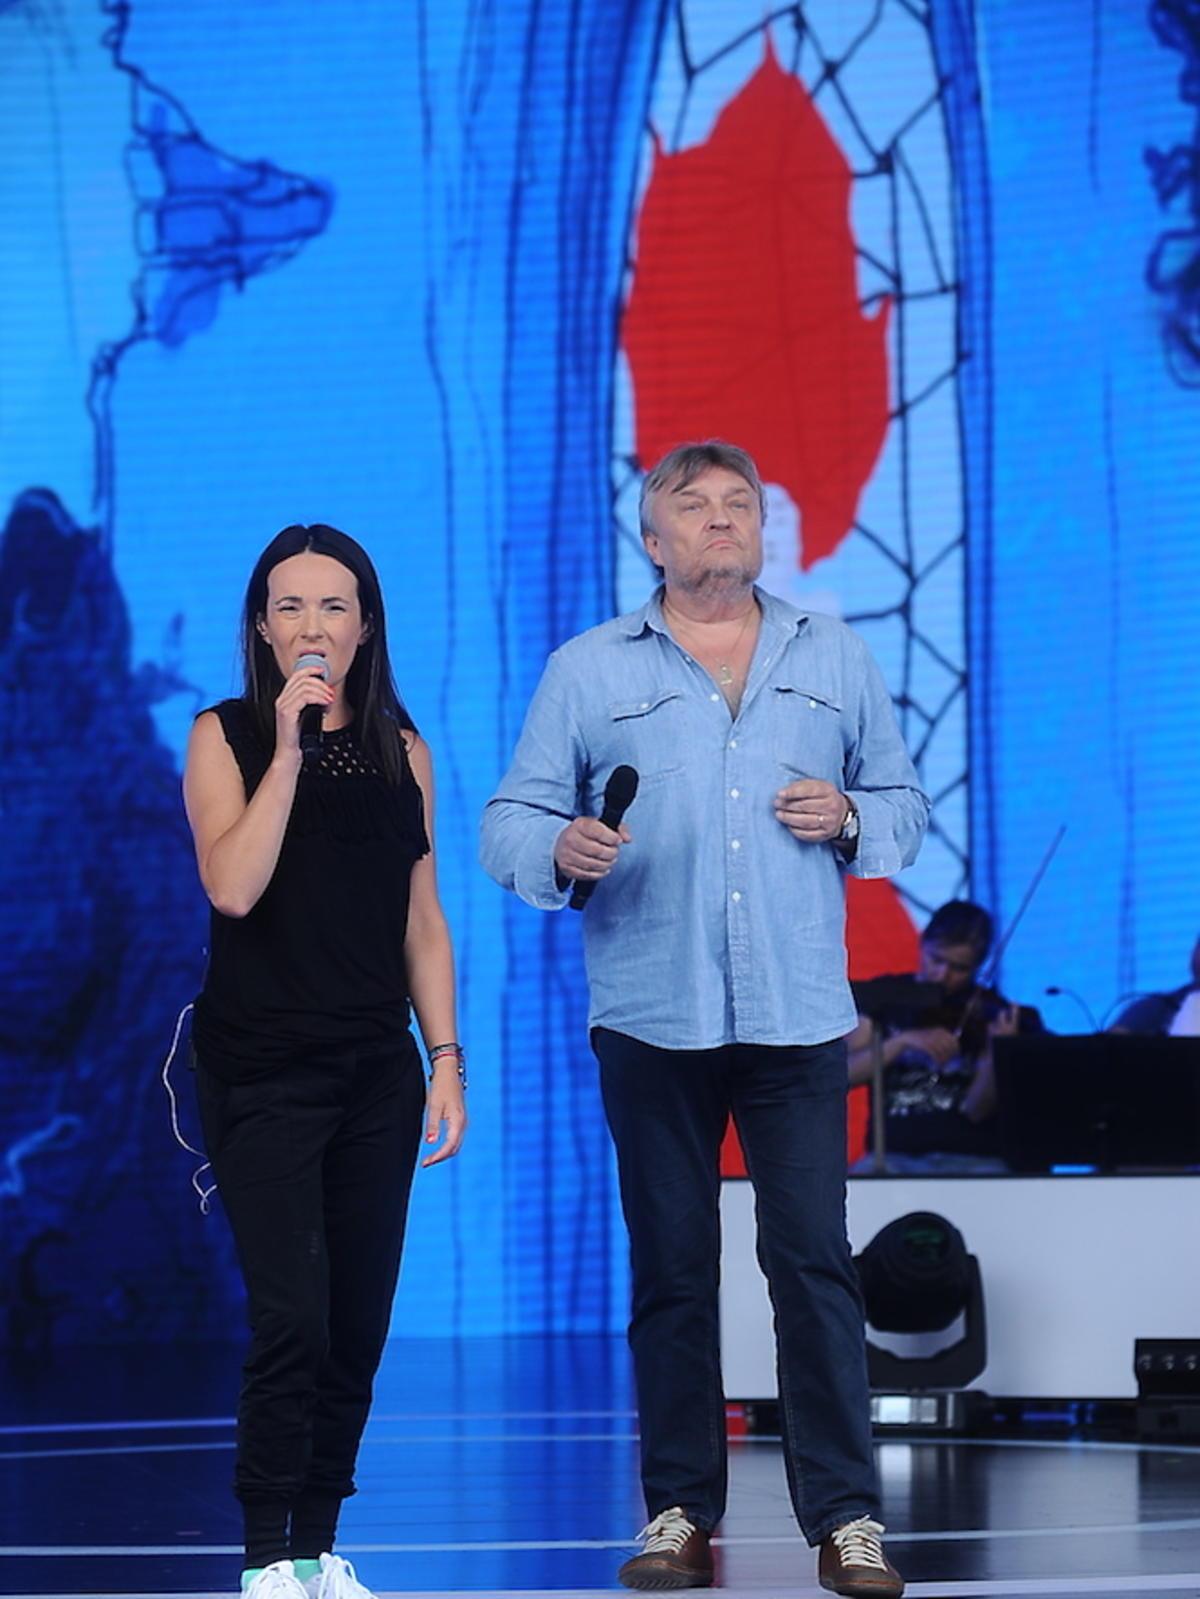 Kasia Kowalska, Krzysztof Cugowski na scenie